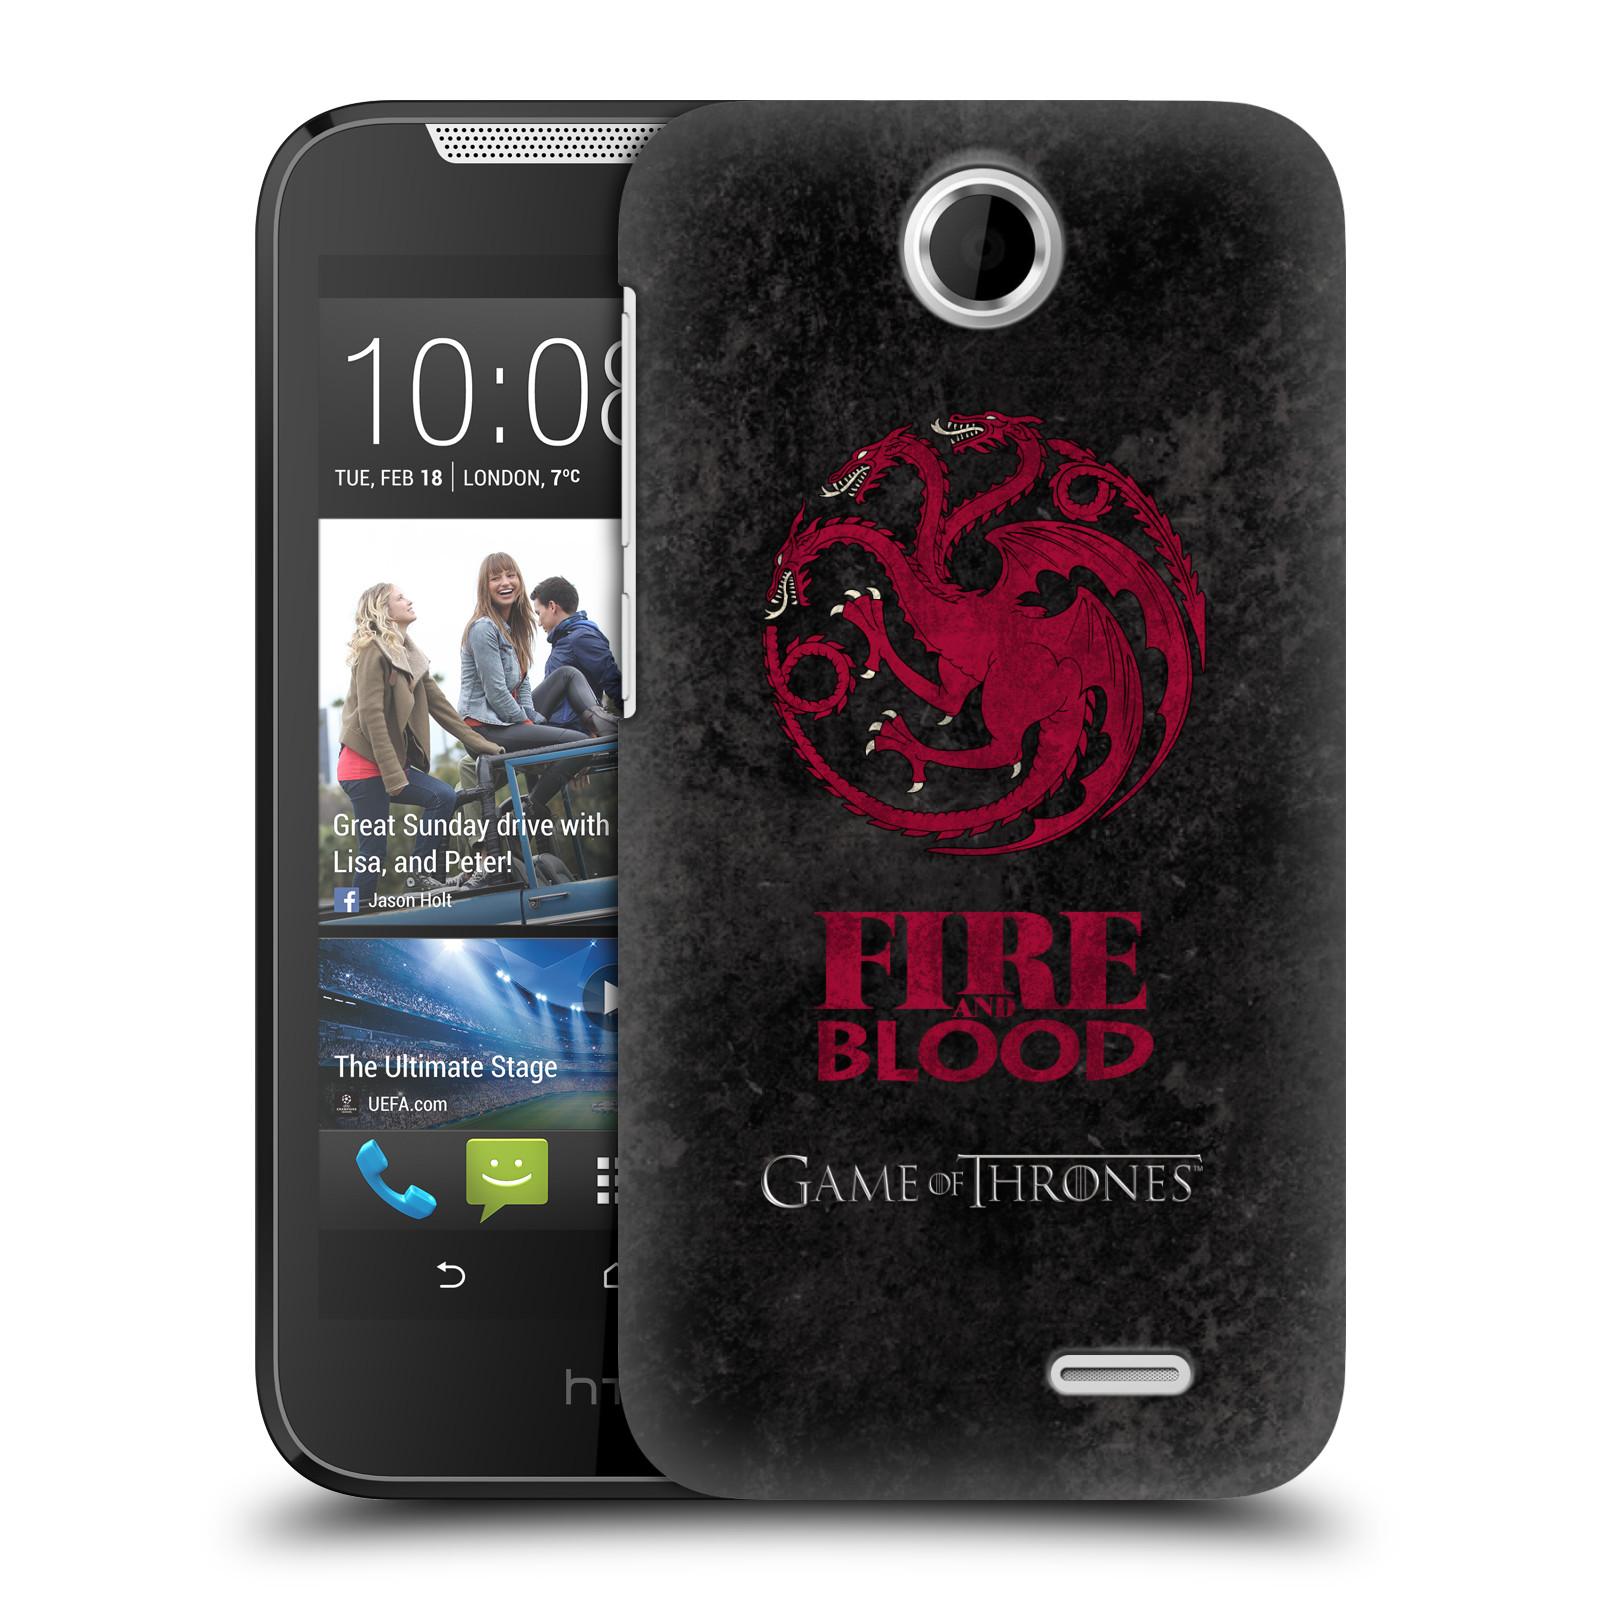 Plastové pouzdro na mobil HTC Desire 310 HEAD CASE Hra o trůny - Sigils Targaryen - Fire and Blood (Plastový kryt či obal na mobilní telefon s licencovaným motivem Hra o trůny - Game Of Thrones pro HTC Desire 310)